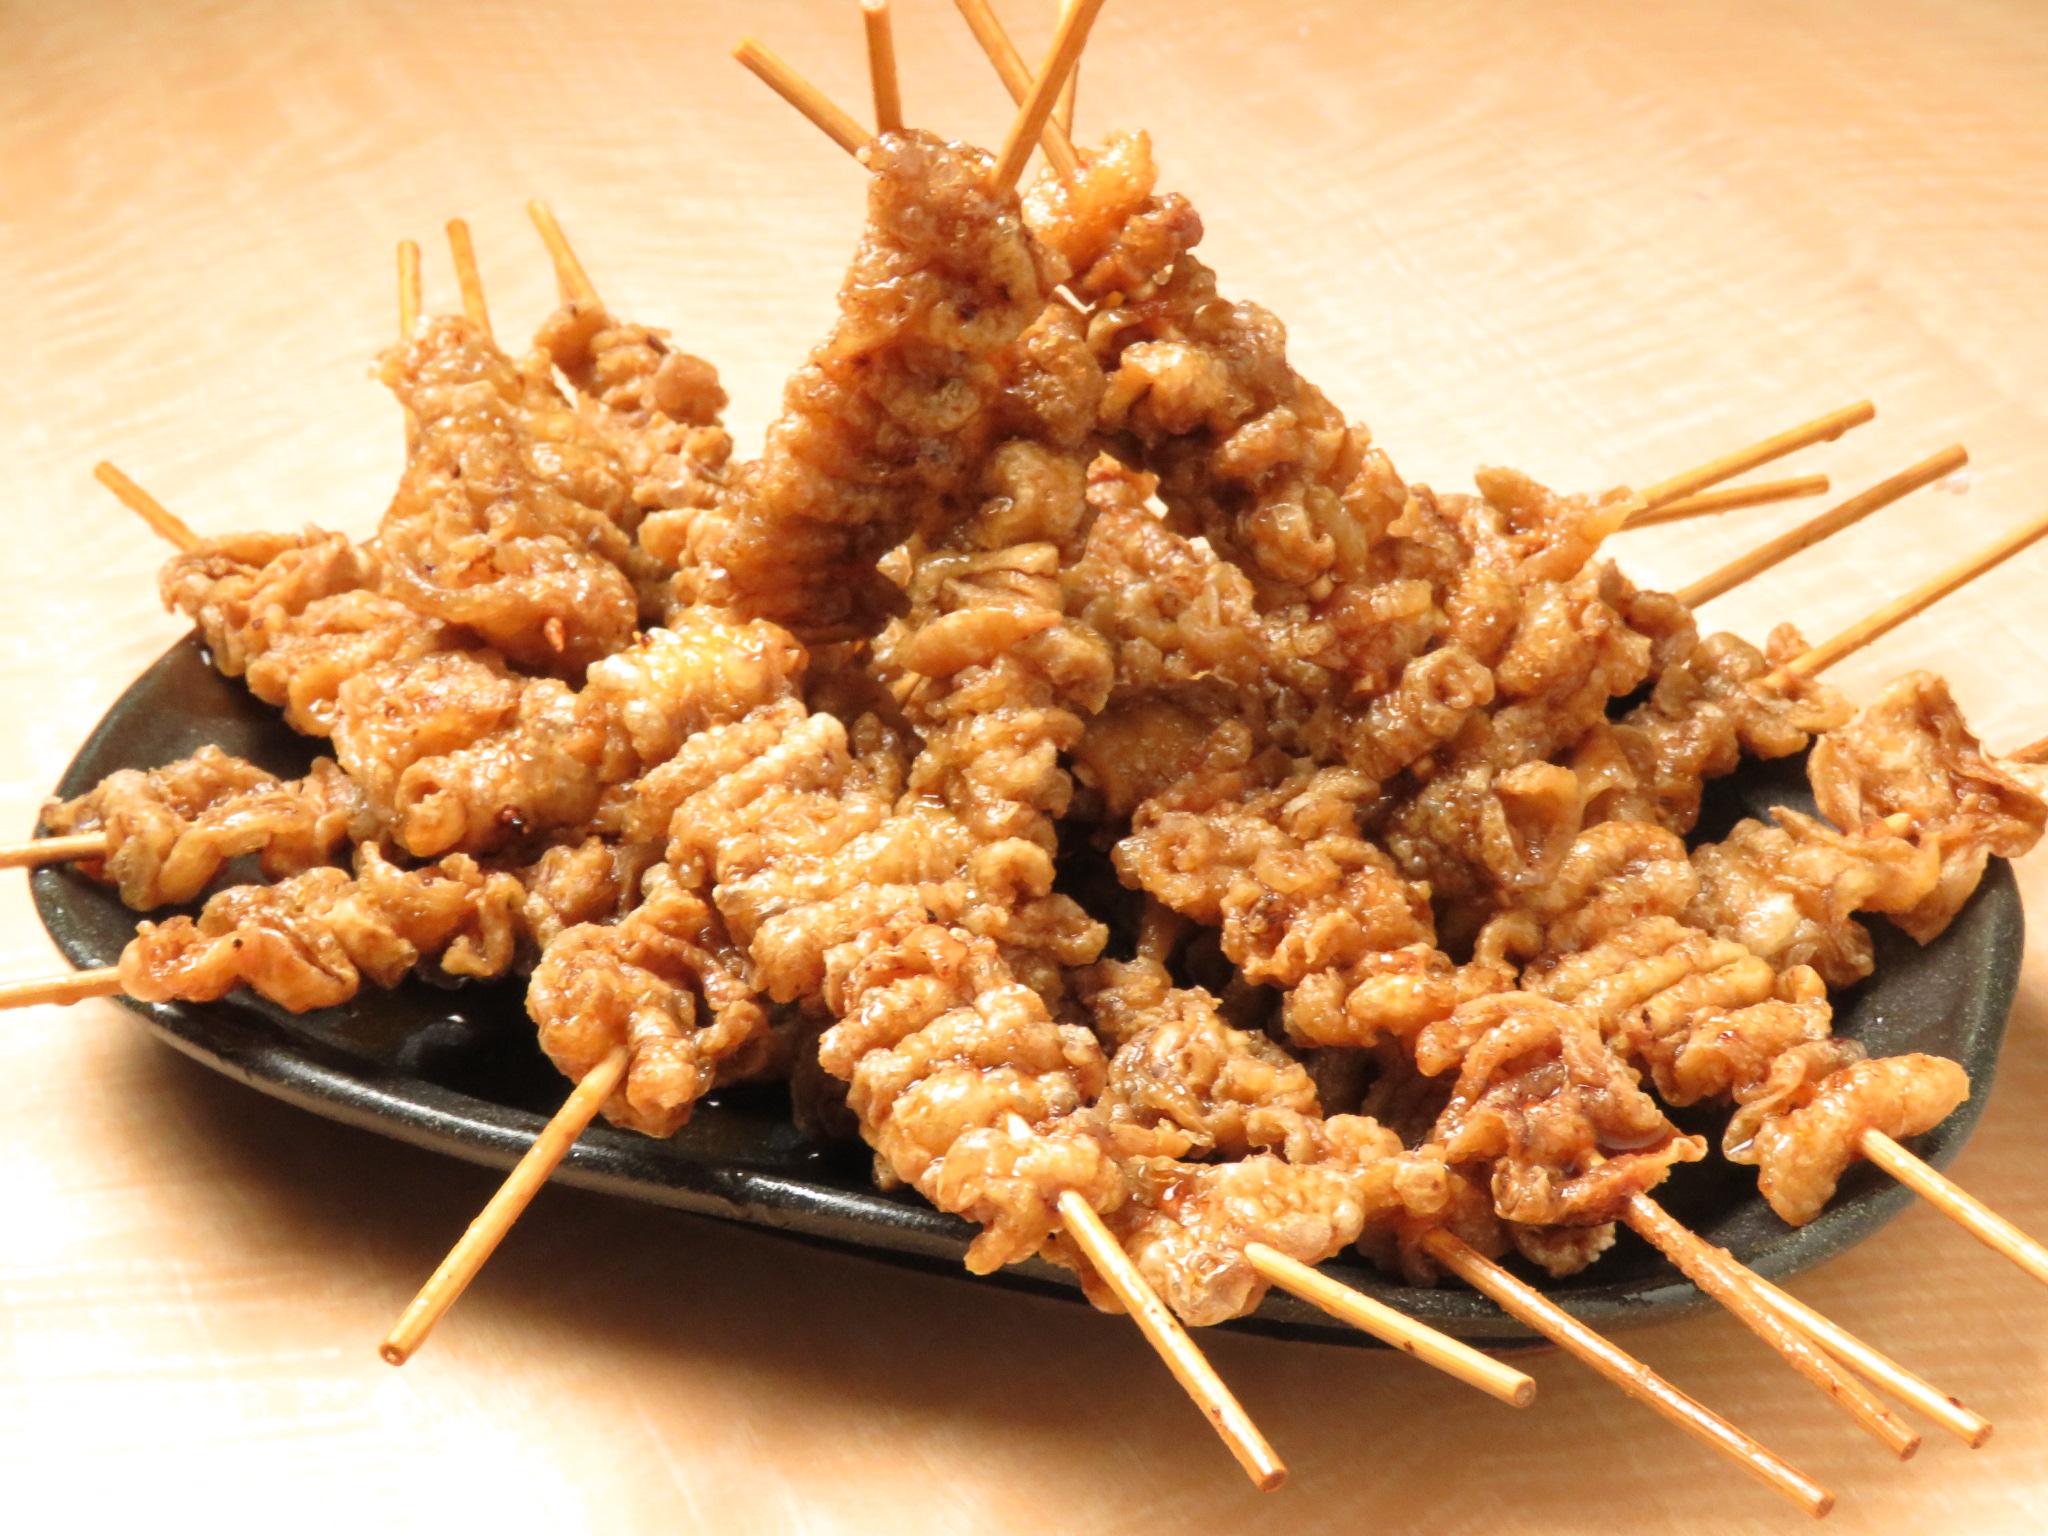 【とりいちず酒場 渋谷店】の病みつき鶏料理